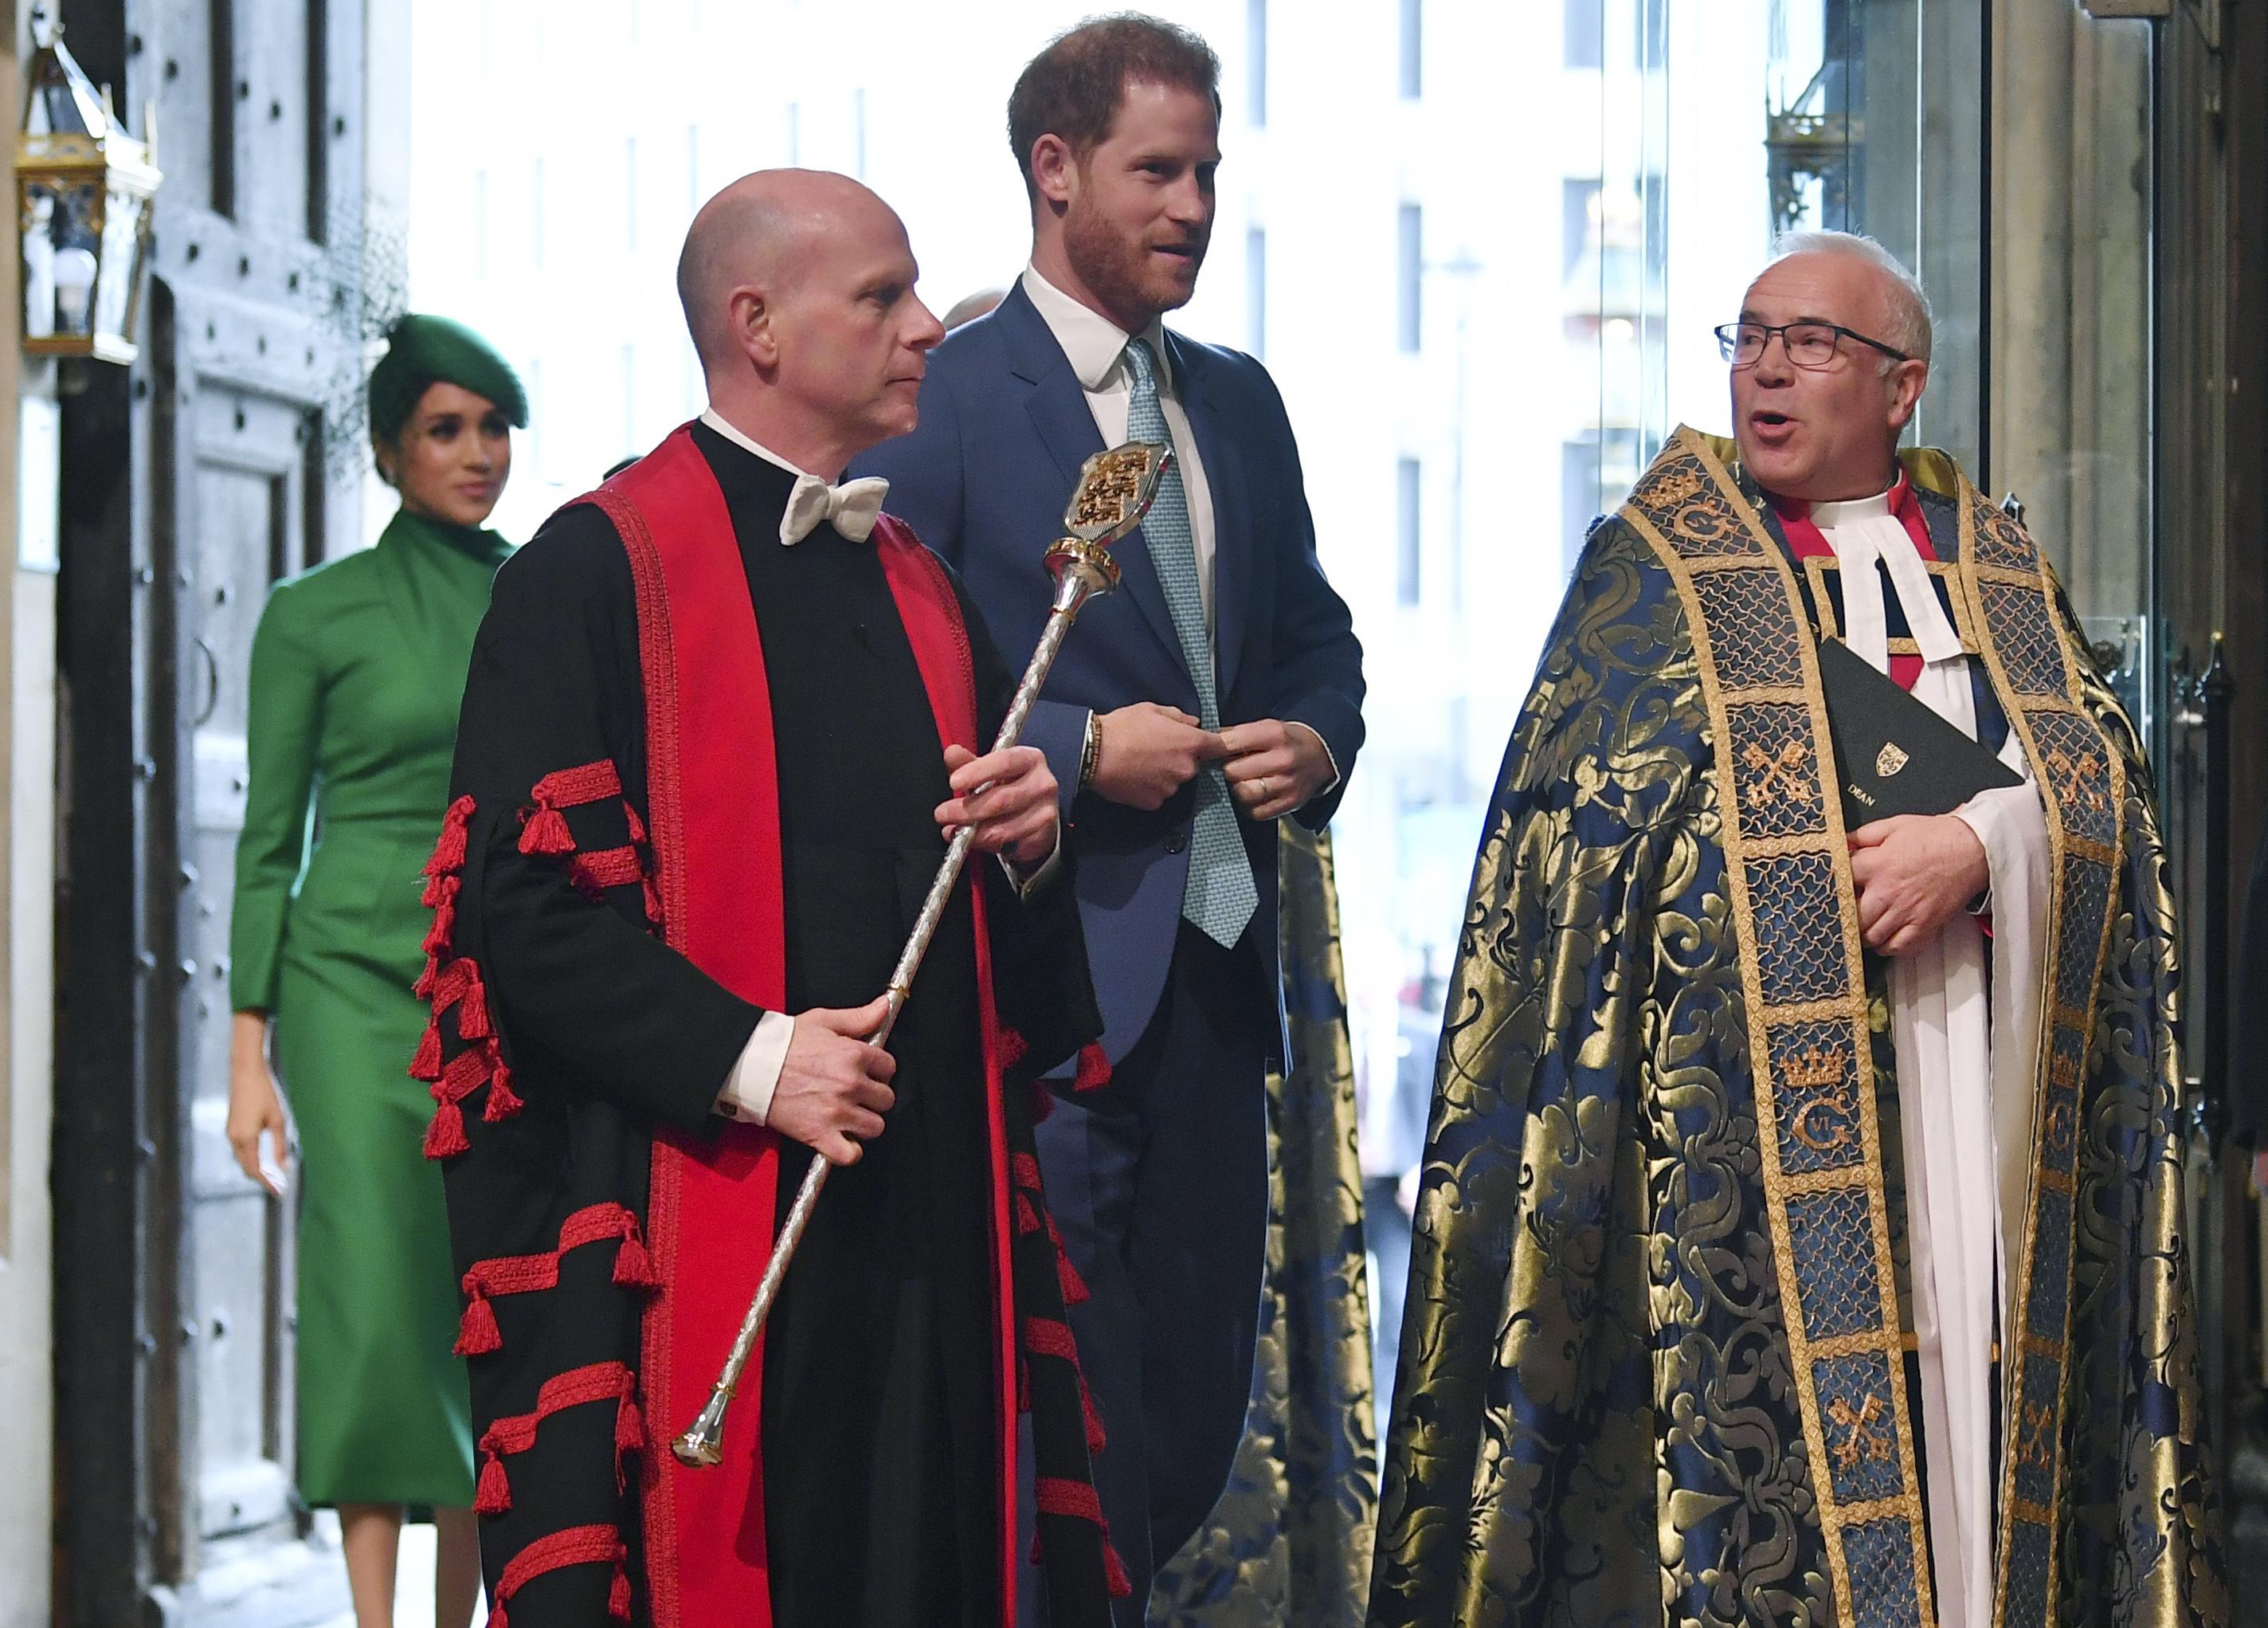 El príncipe Harry y Meghan Markle asistieron hoy a su último compromiso oficial como miembros de la realeza. (Phil Harris / Pool via AP)